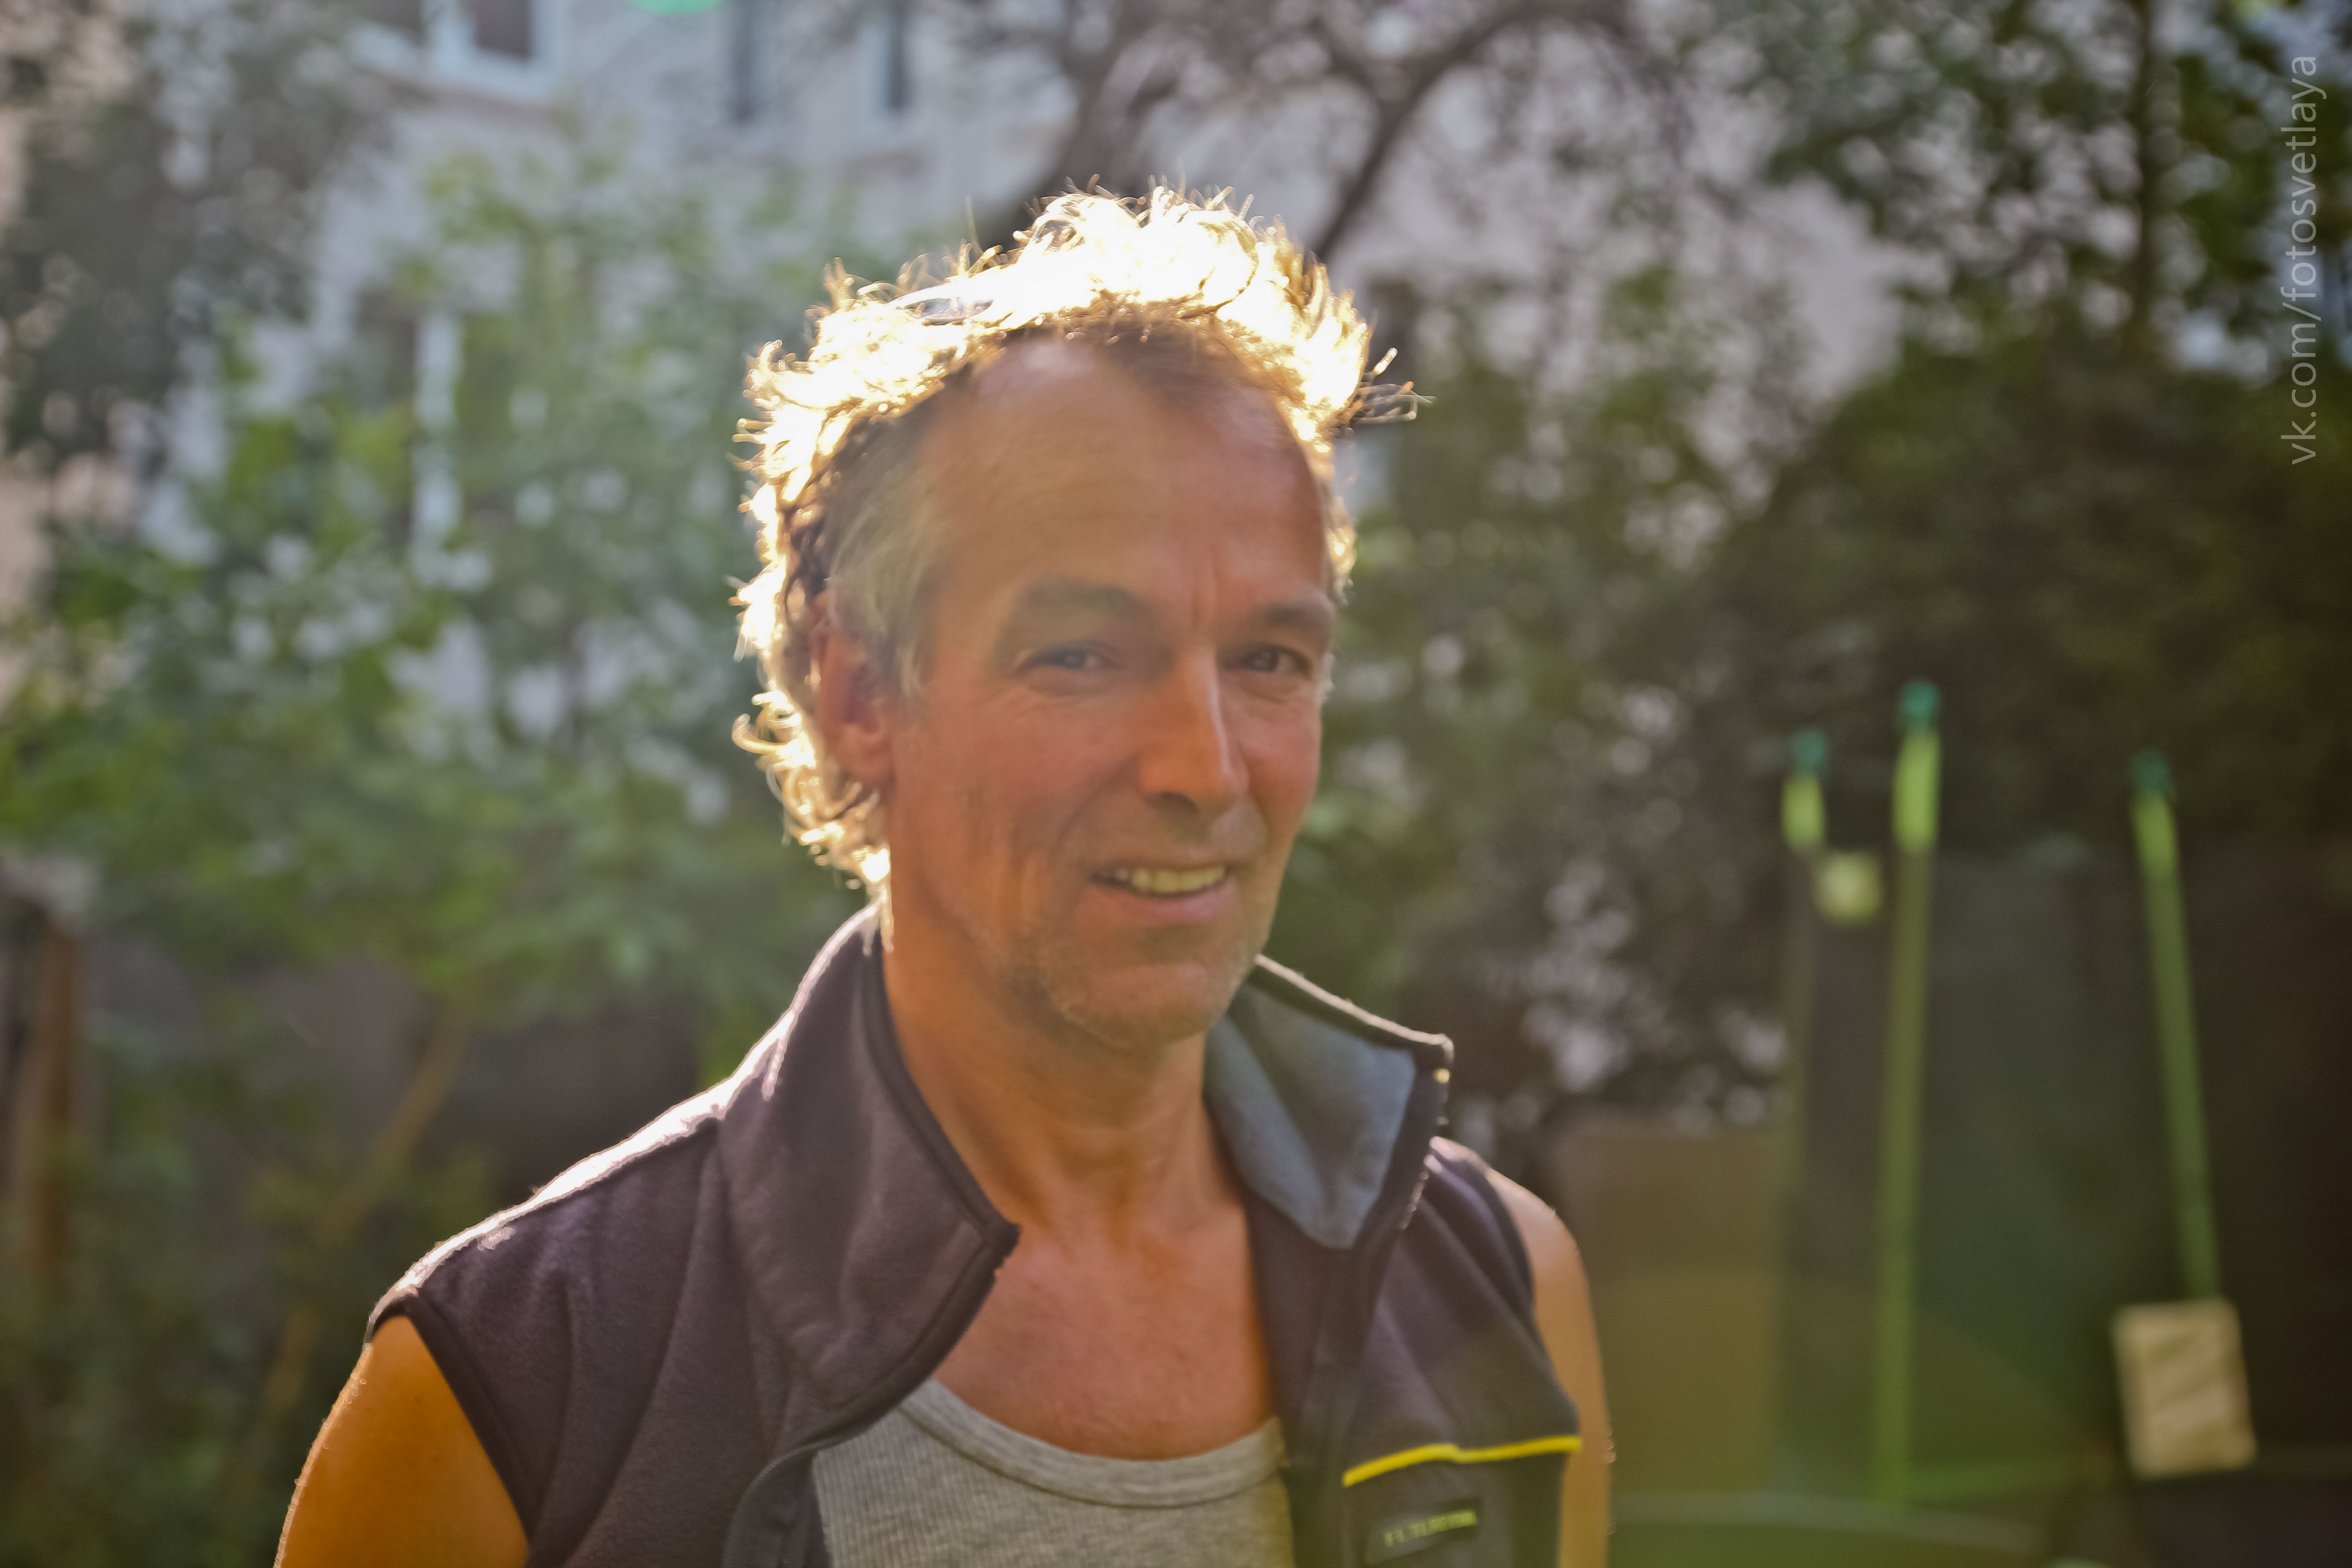 Jorge Jacobs